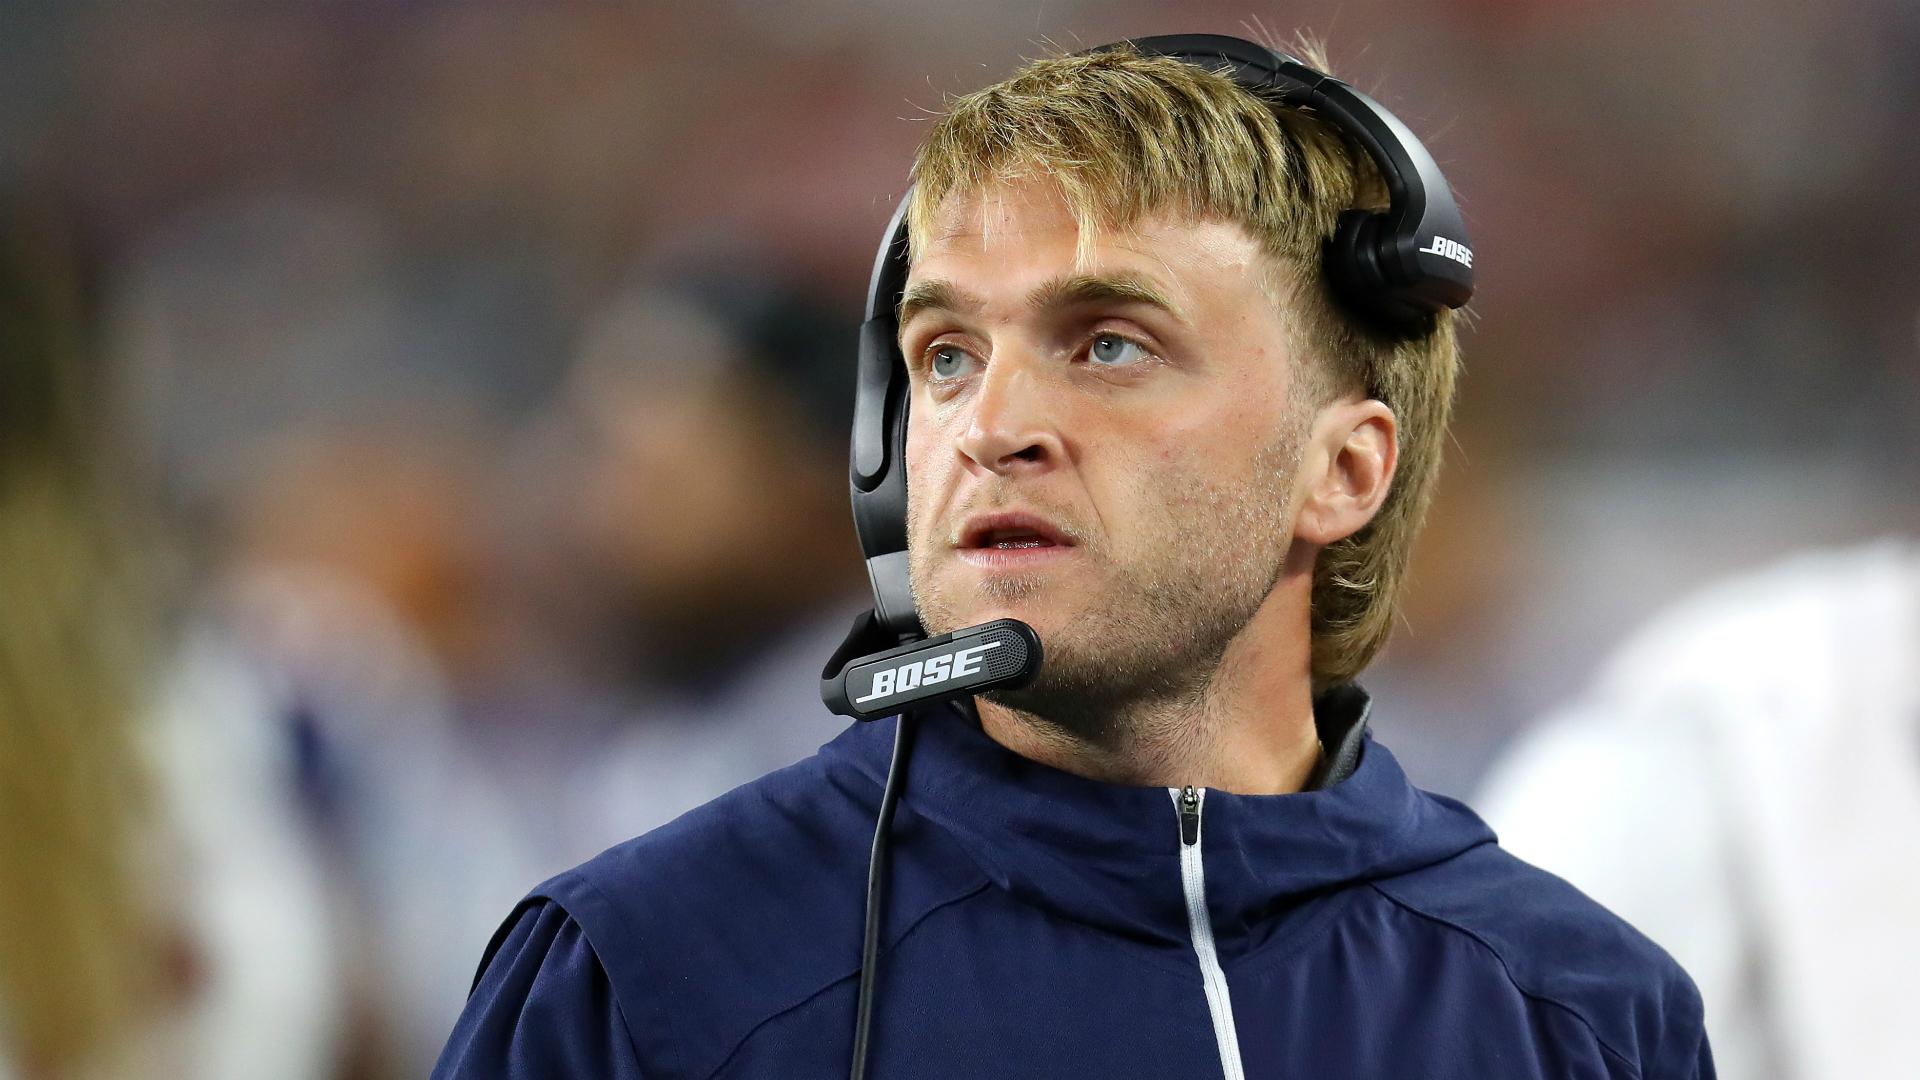 Quien es Stephen Belichick? Conozca al hijo del entrenador en jefe de los Patriots 2